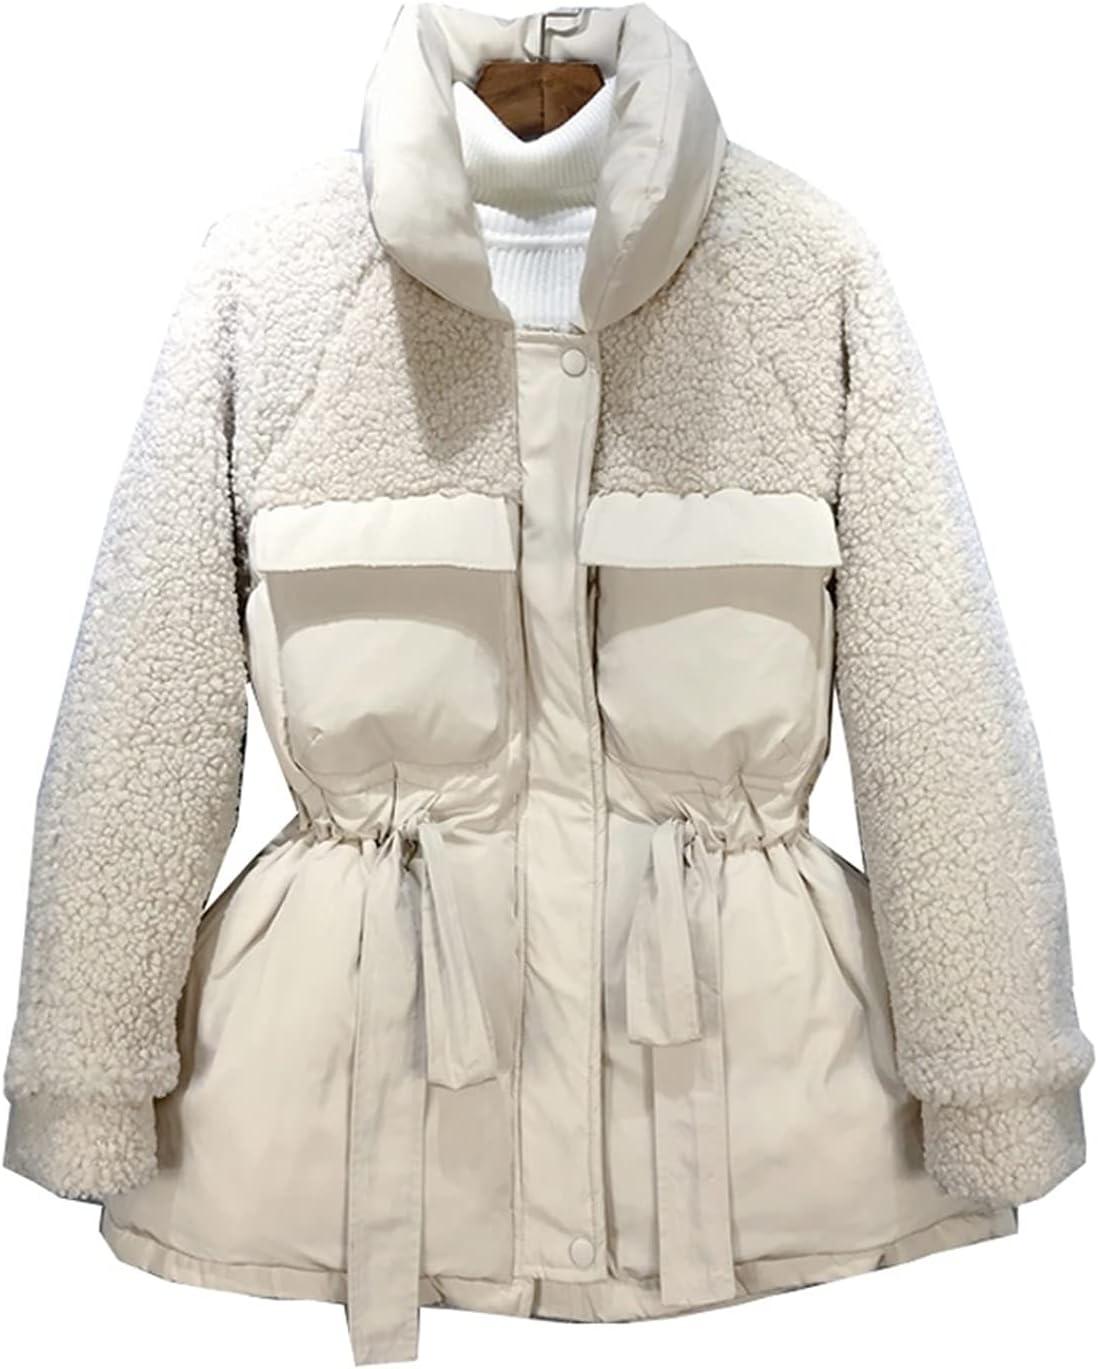 DIAOD Solid Beige Autumn Winter Women Collar L Popular brand Warm Parkas Stand price